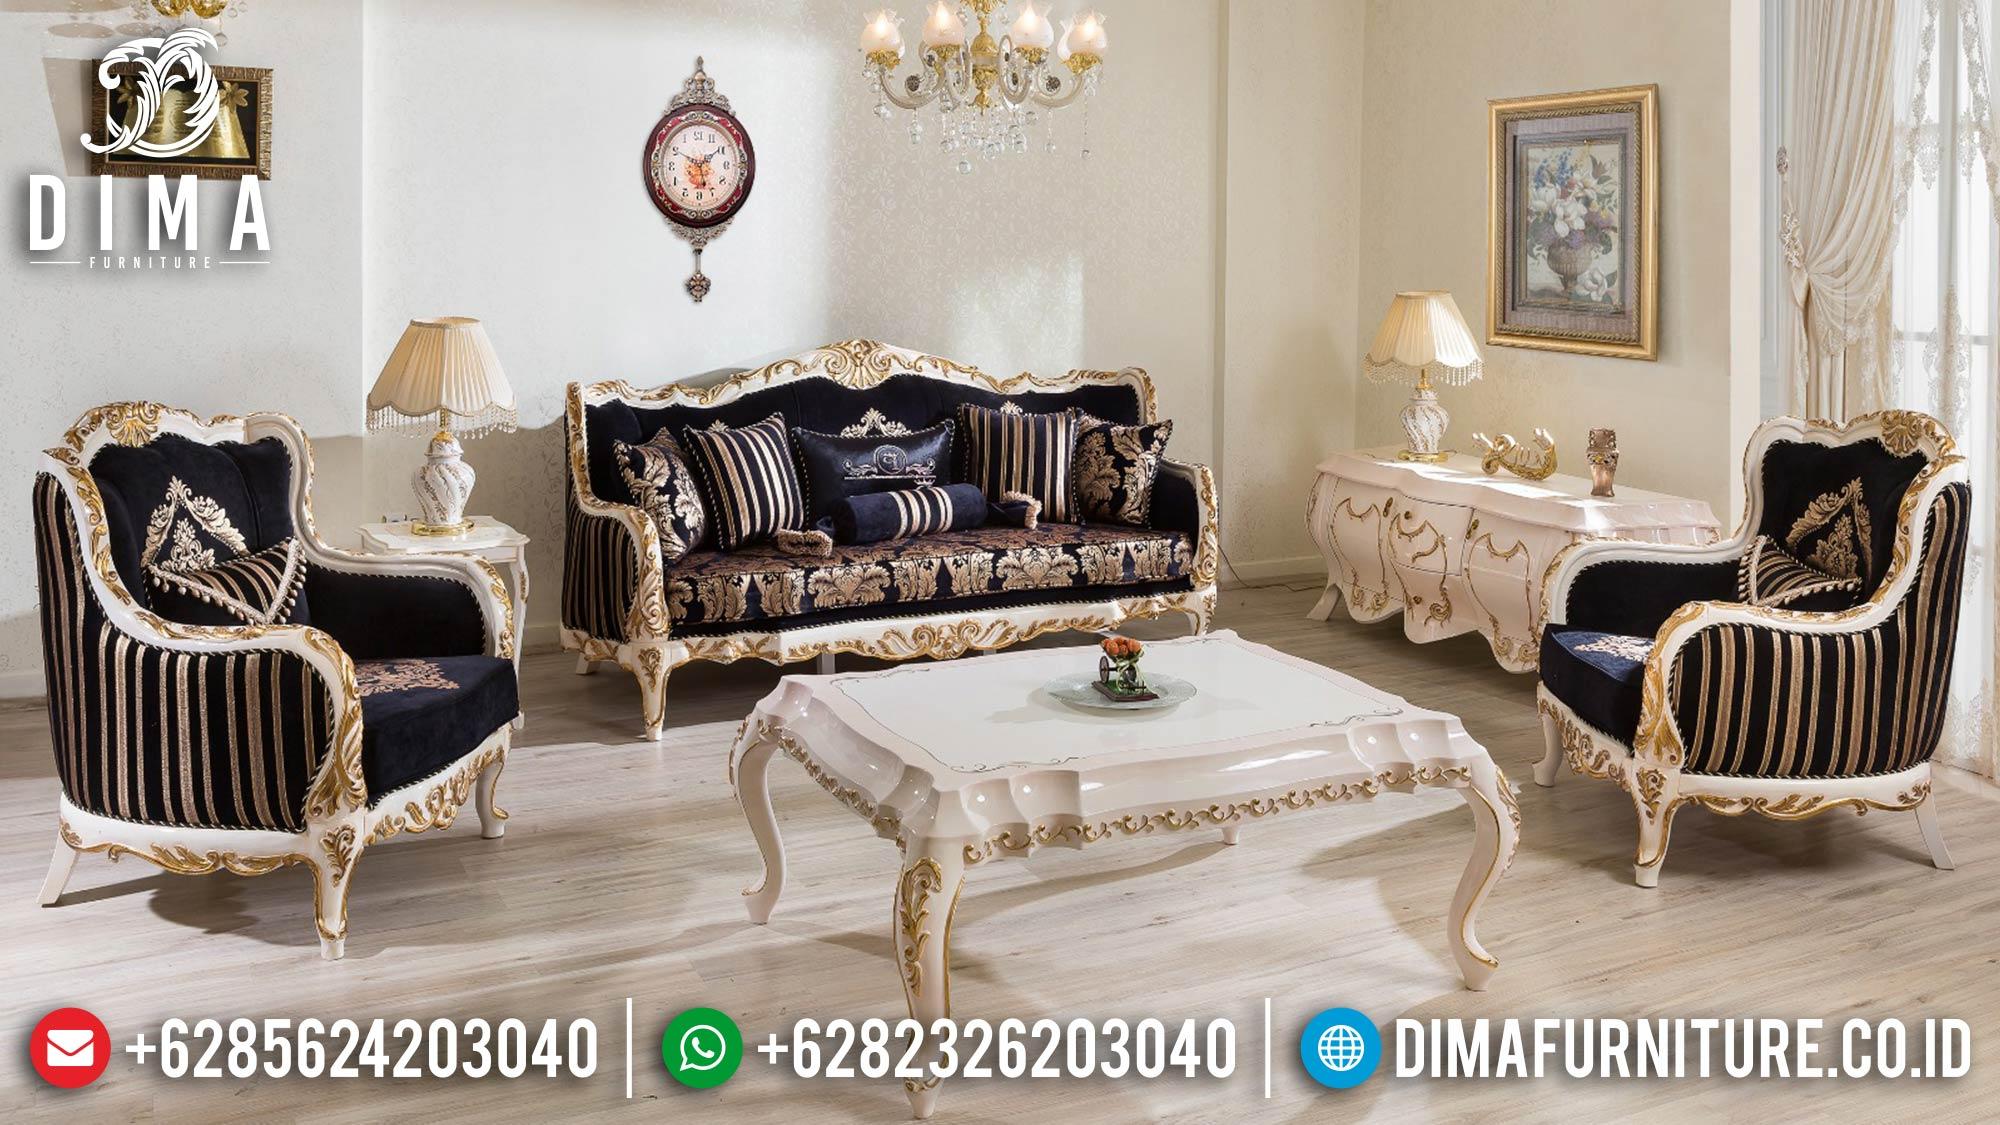 Harga Sofa Tamu Mewah Jepara Luxury Classic Carving Victorian Carving ST-1279